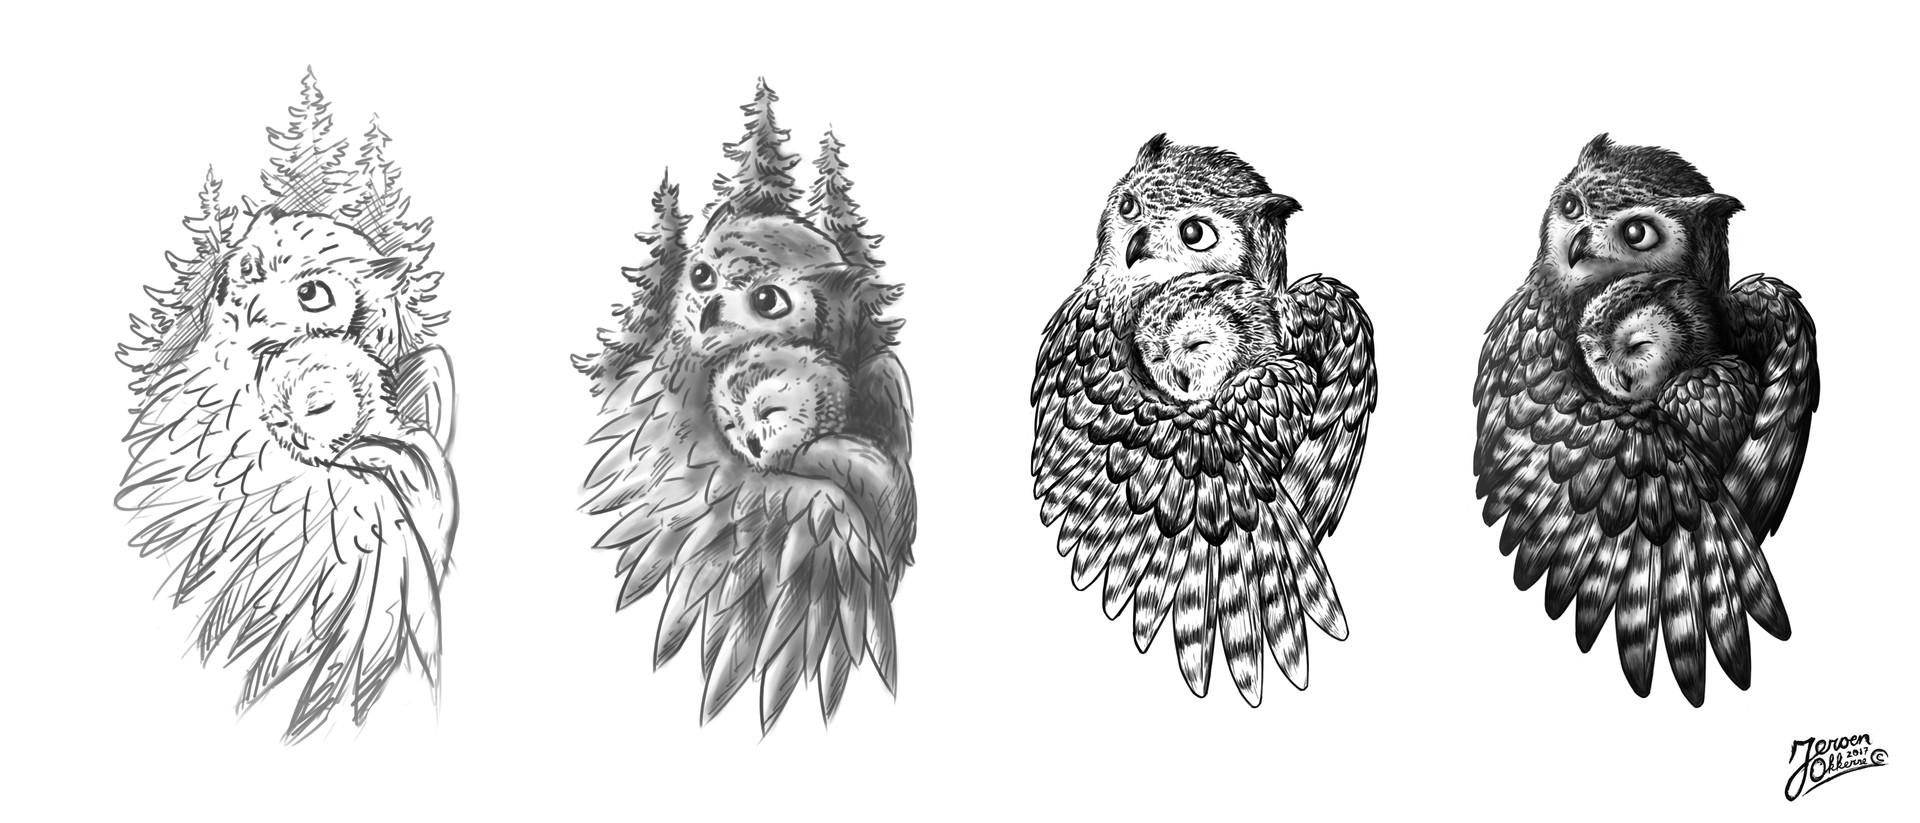 Artstation Owl Tattoo Design Jeroen Okkerse